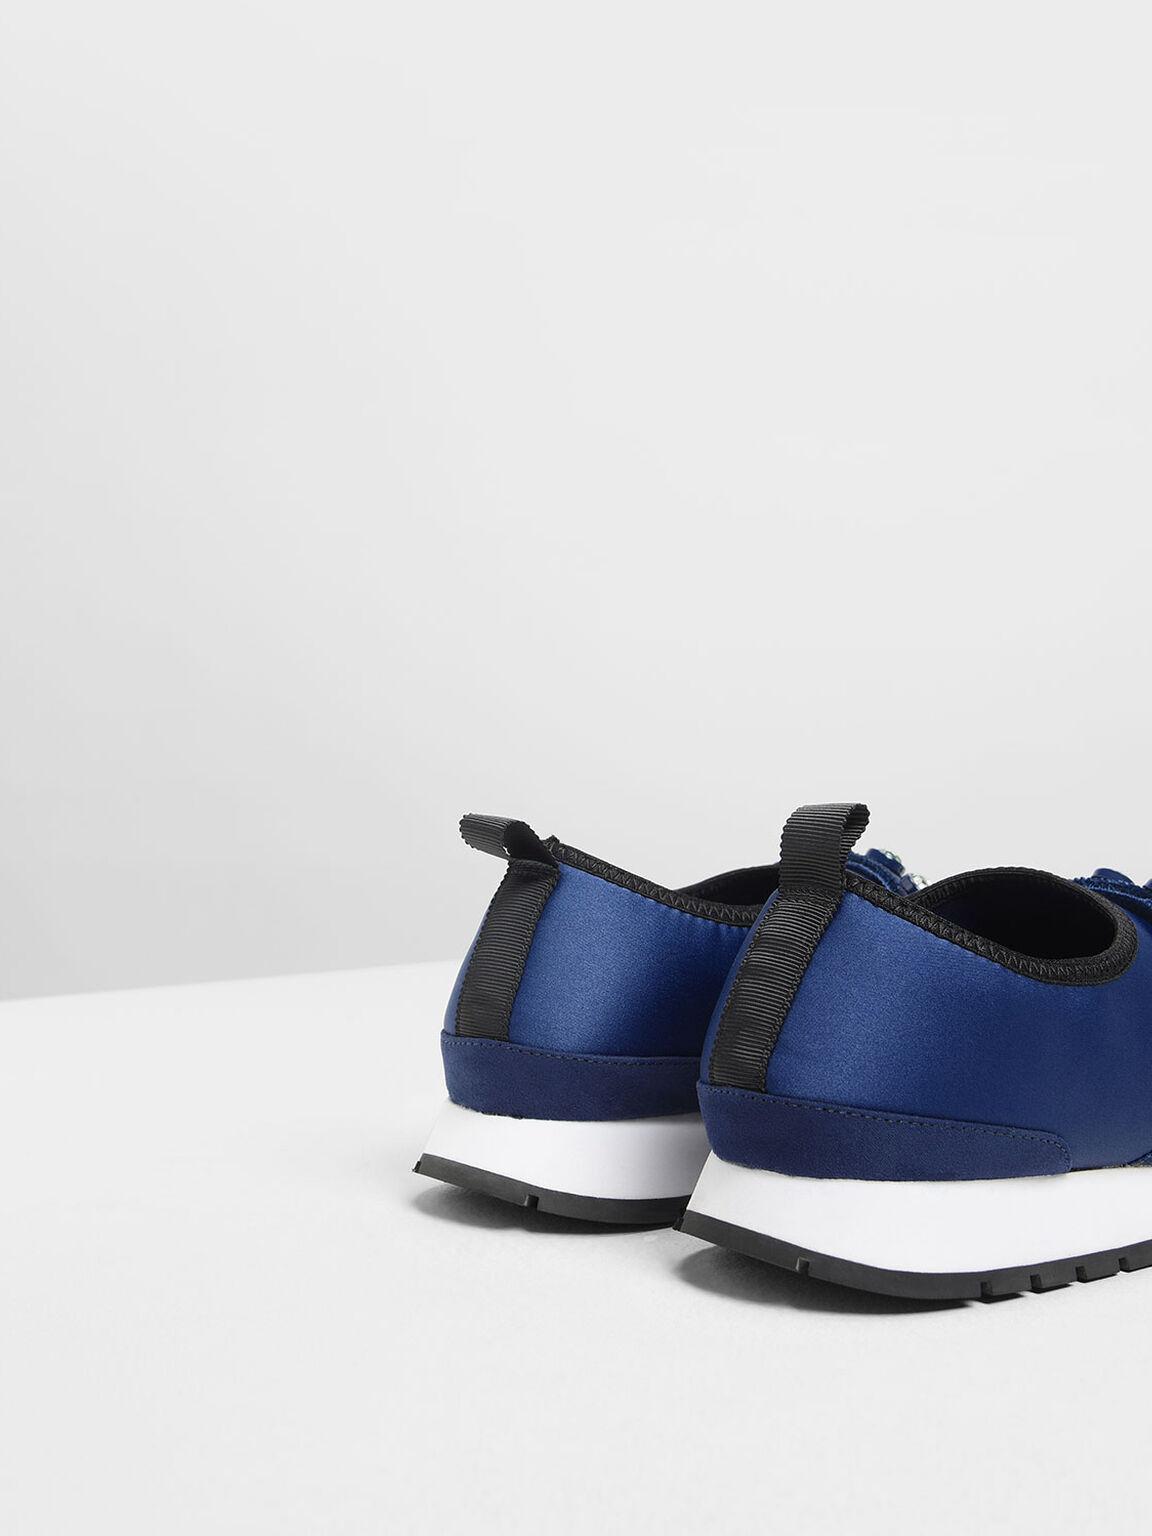 寶石裝飾球鞋, 深藍色, hi-res